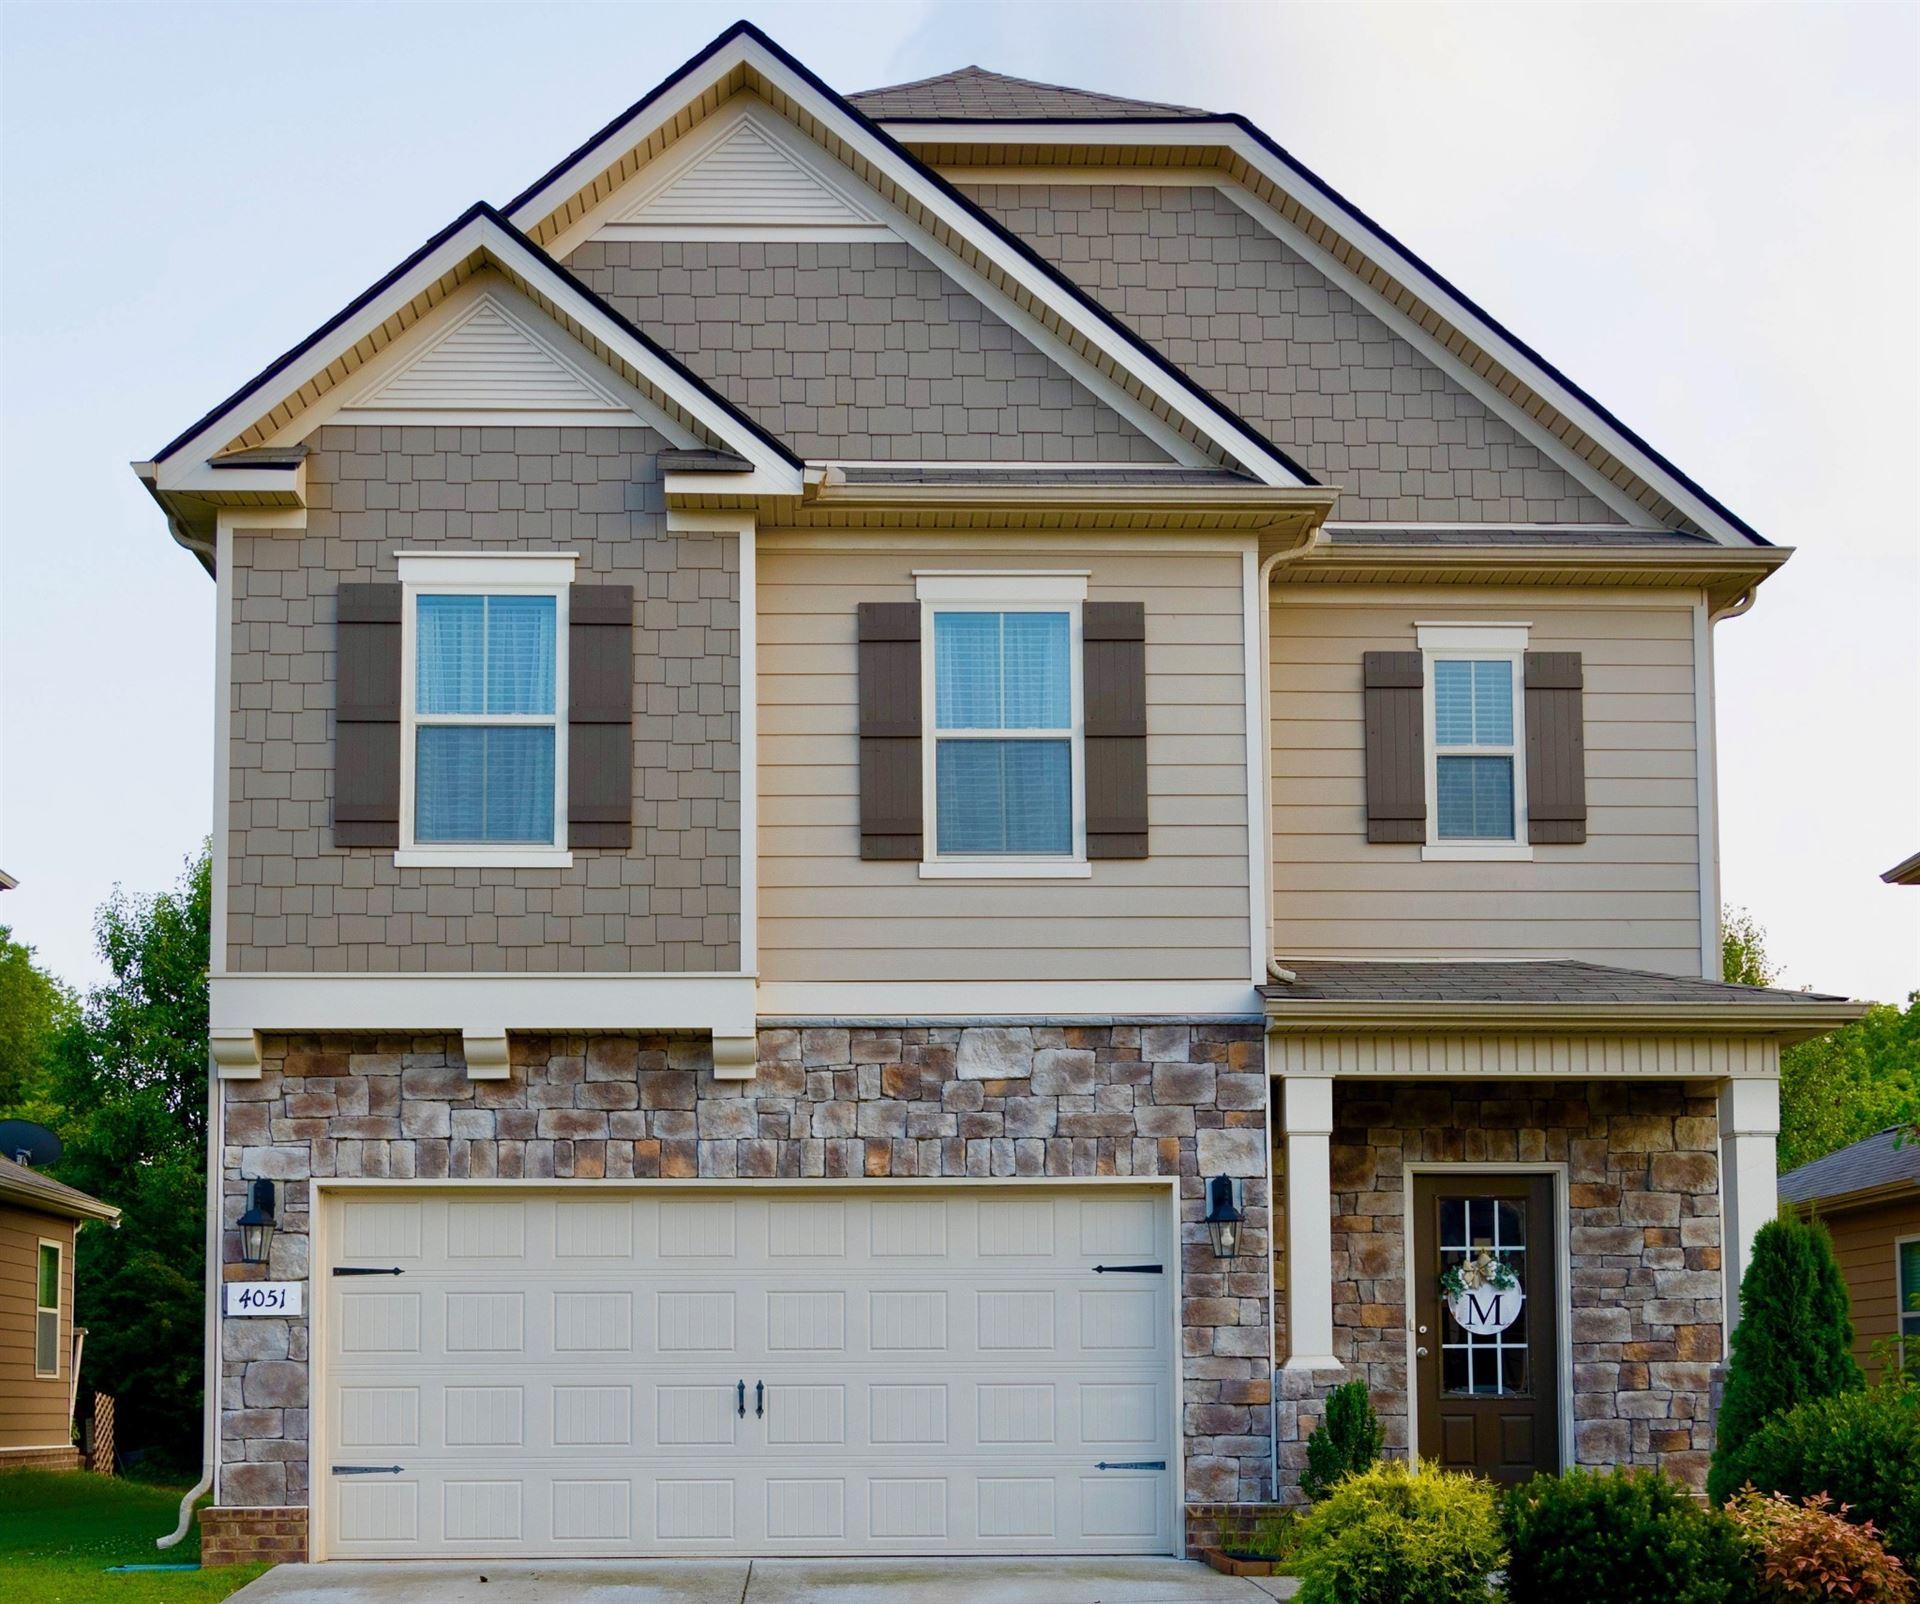 4051 Cannonsgate Ln, Murfreesboro, TN 37128 - MLS#: 2278697